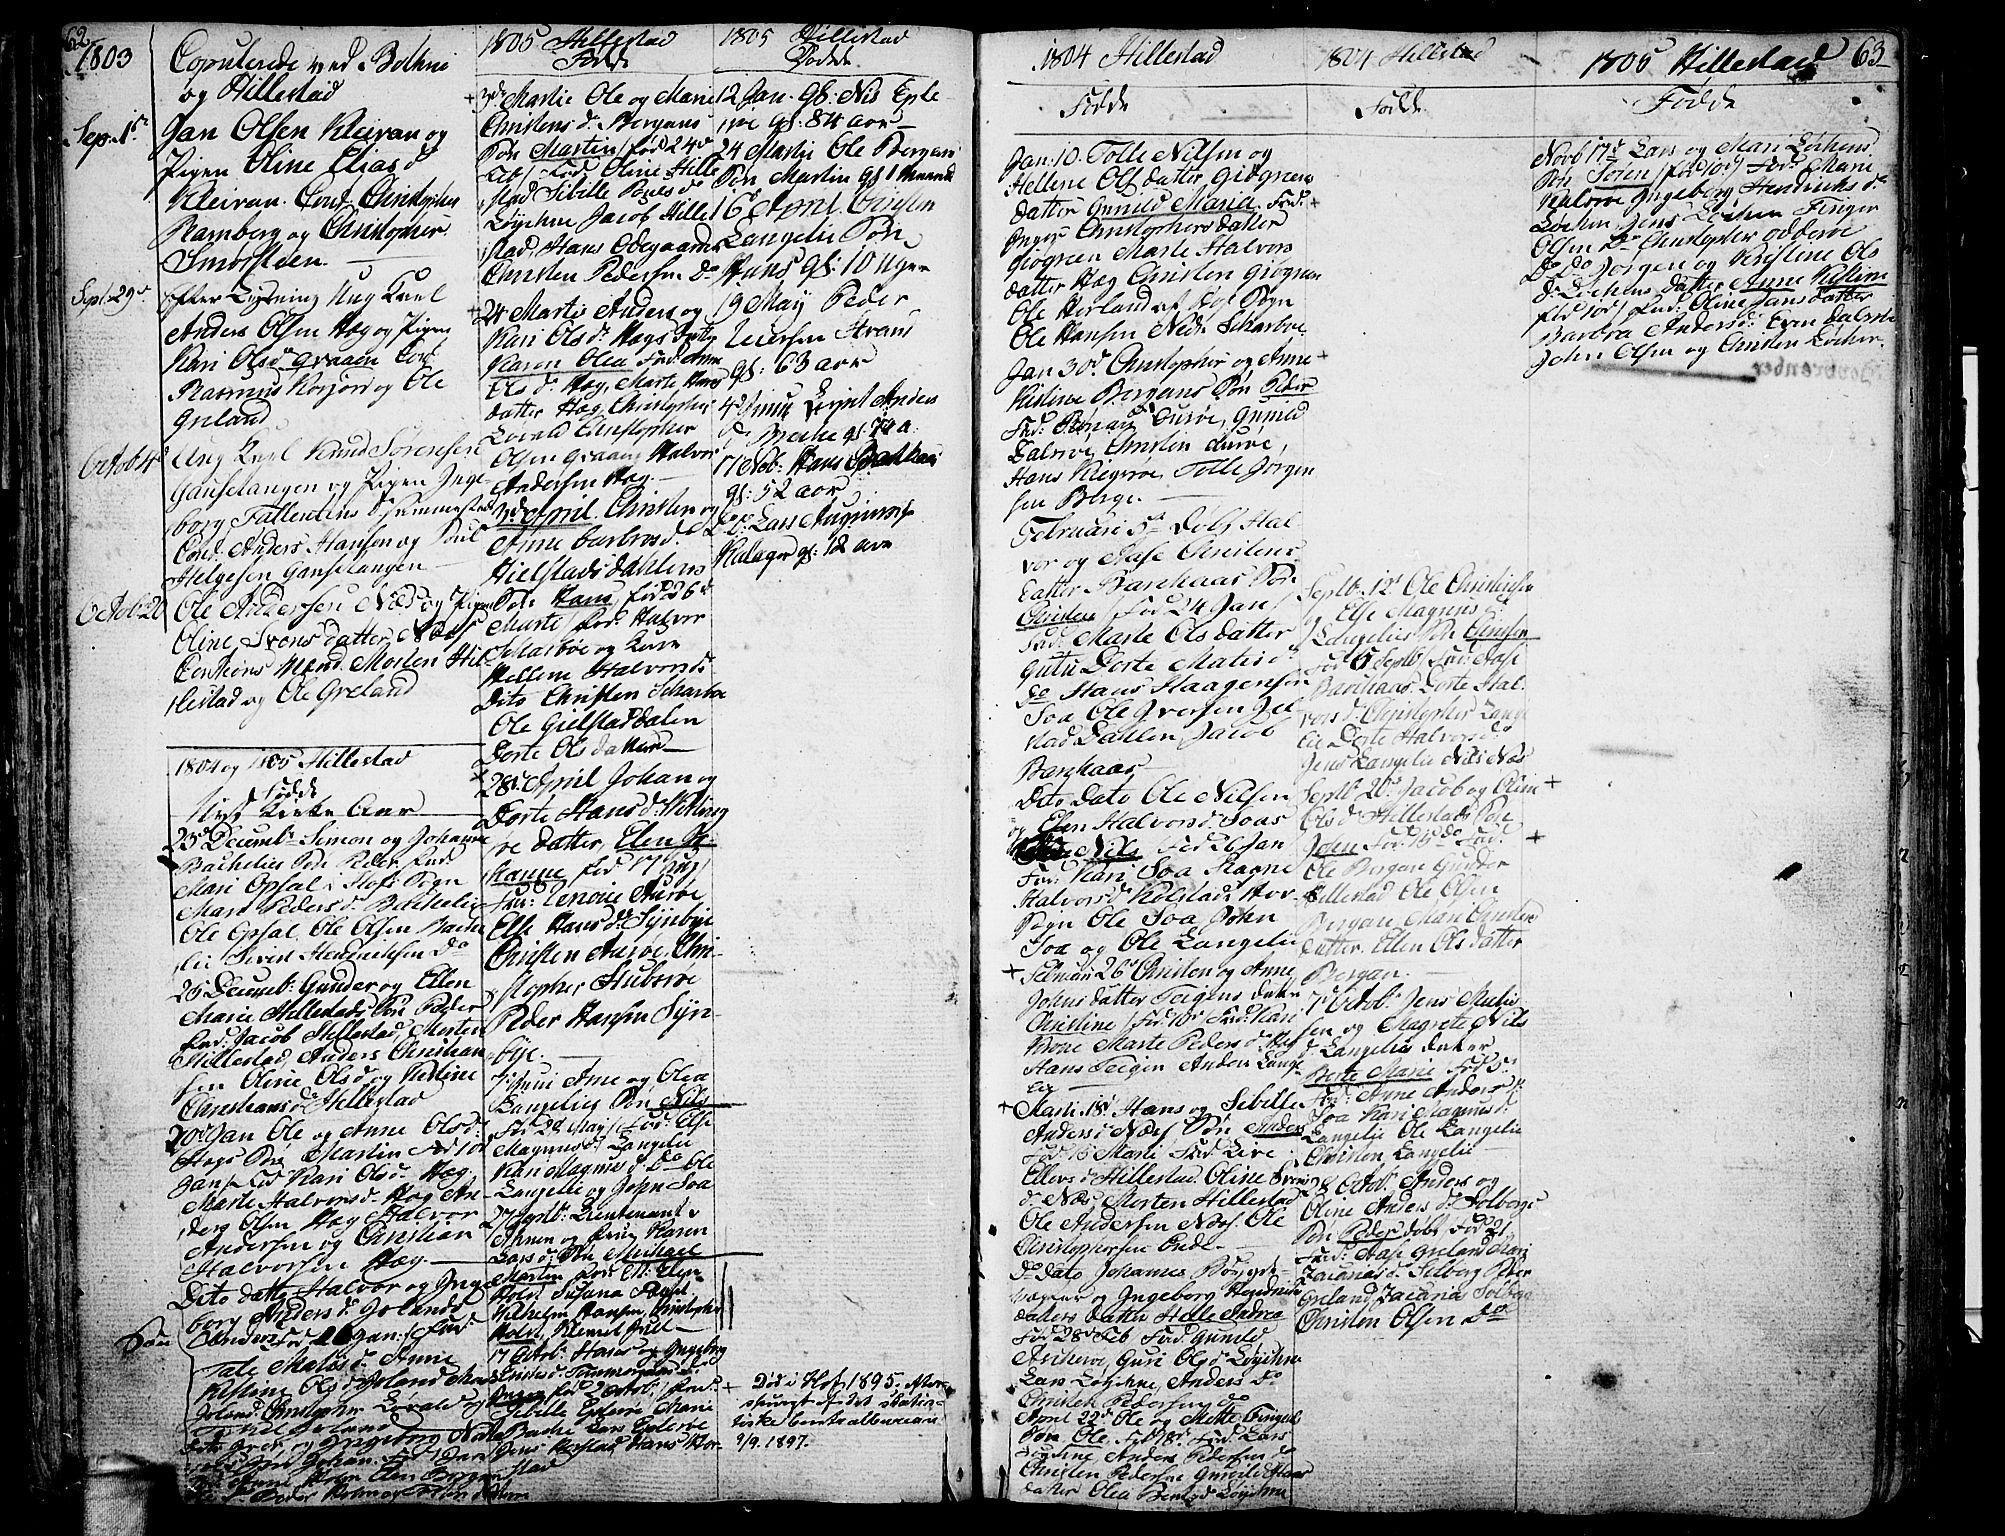 SAKO, Botne kirkebøker, F/Fa/L0003: Ministerialbok nr. I 3 /1, 1792-1844, s. 62-63